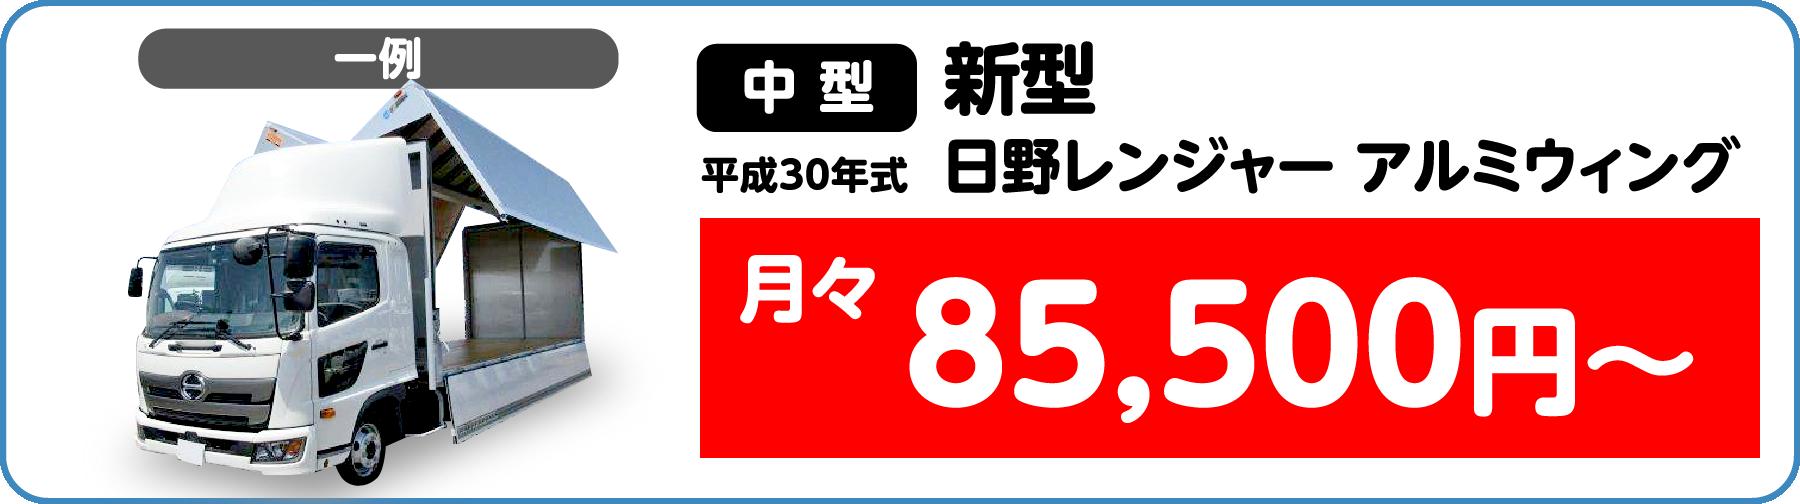 campaign-02 (1)